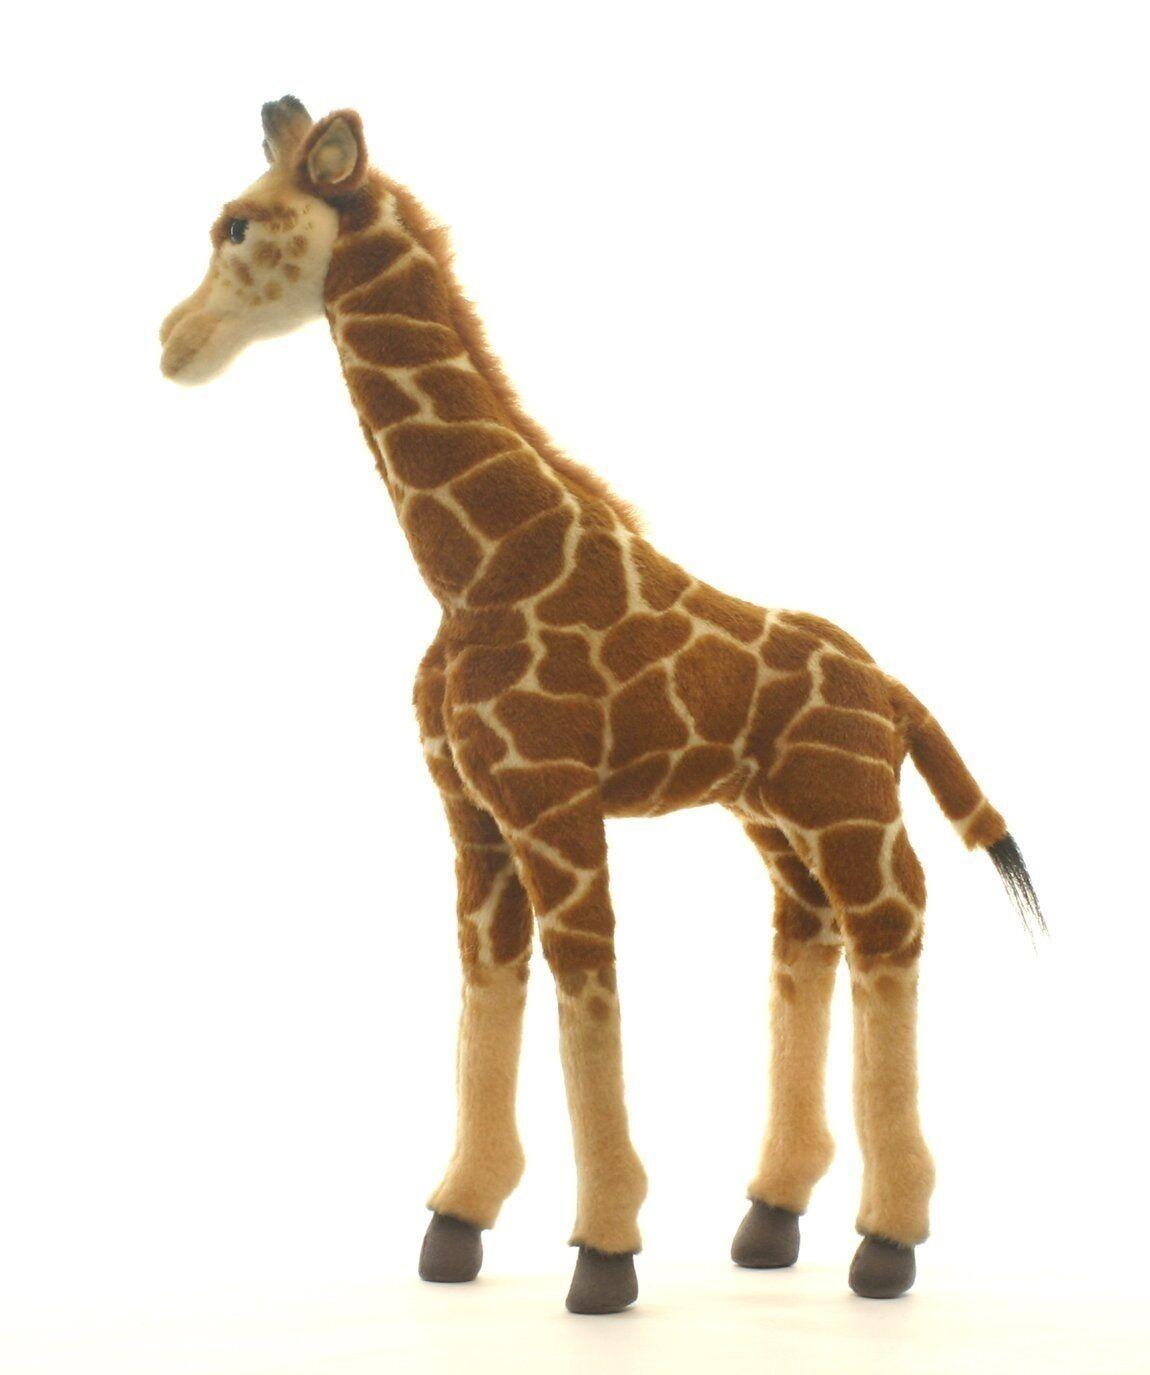 Giraffe 50 cm Kuscheltier Stofftier Plüschtier Hansa Toy 3429